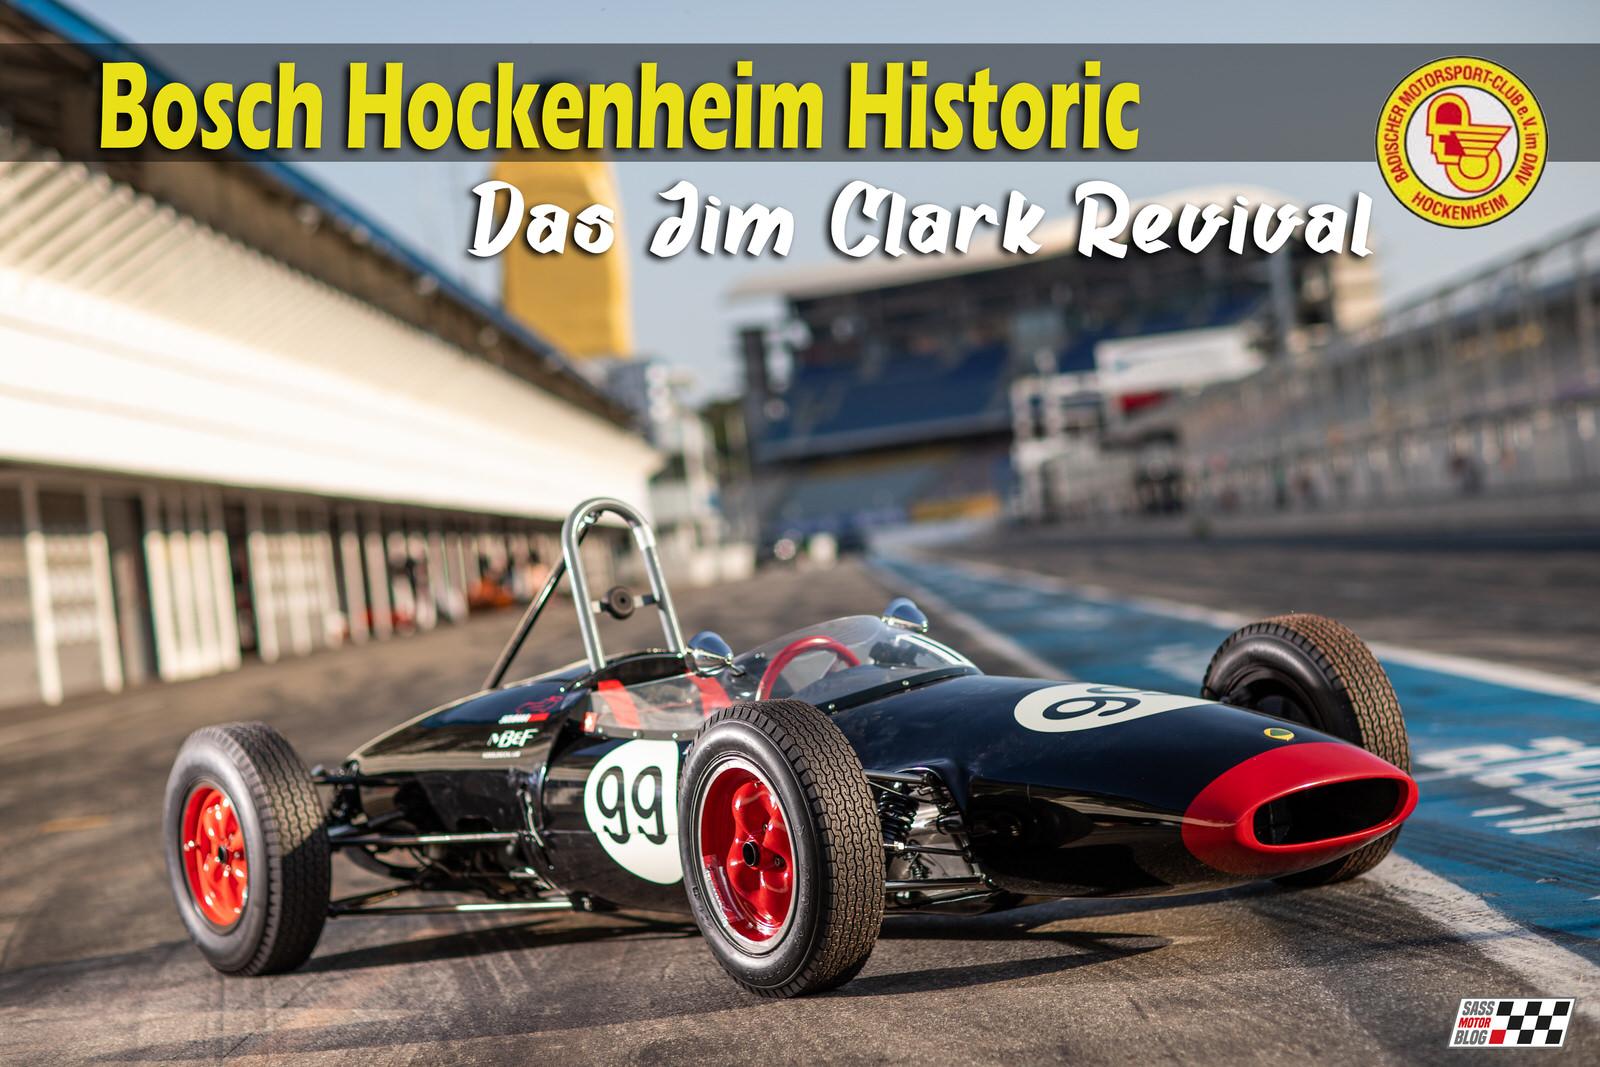 Bosch Hockenheim Historic - Das Jim Clark Revival 2018 | Foto: Torsten Karpf / Hockenheim-Ring GmbH